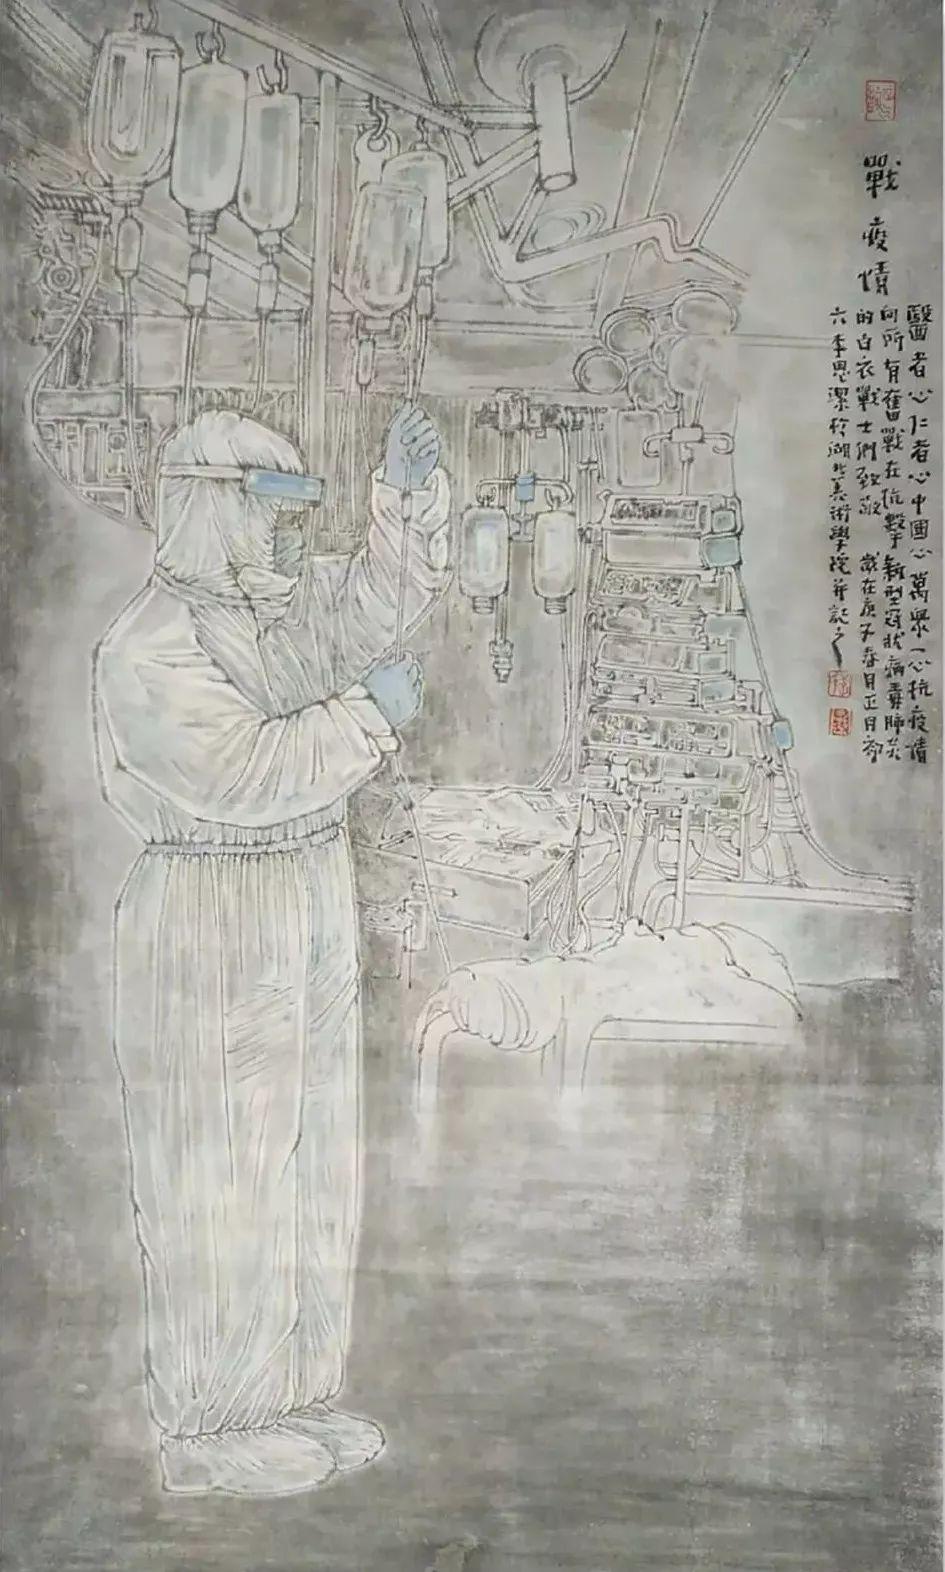 疫情当前,九大美院及千名画家用作品为武汉加油!看后暖哭了…插图107